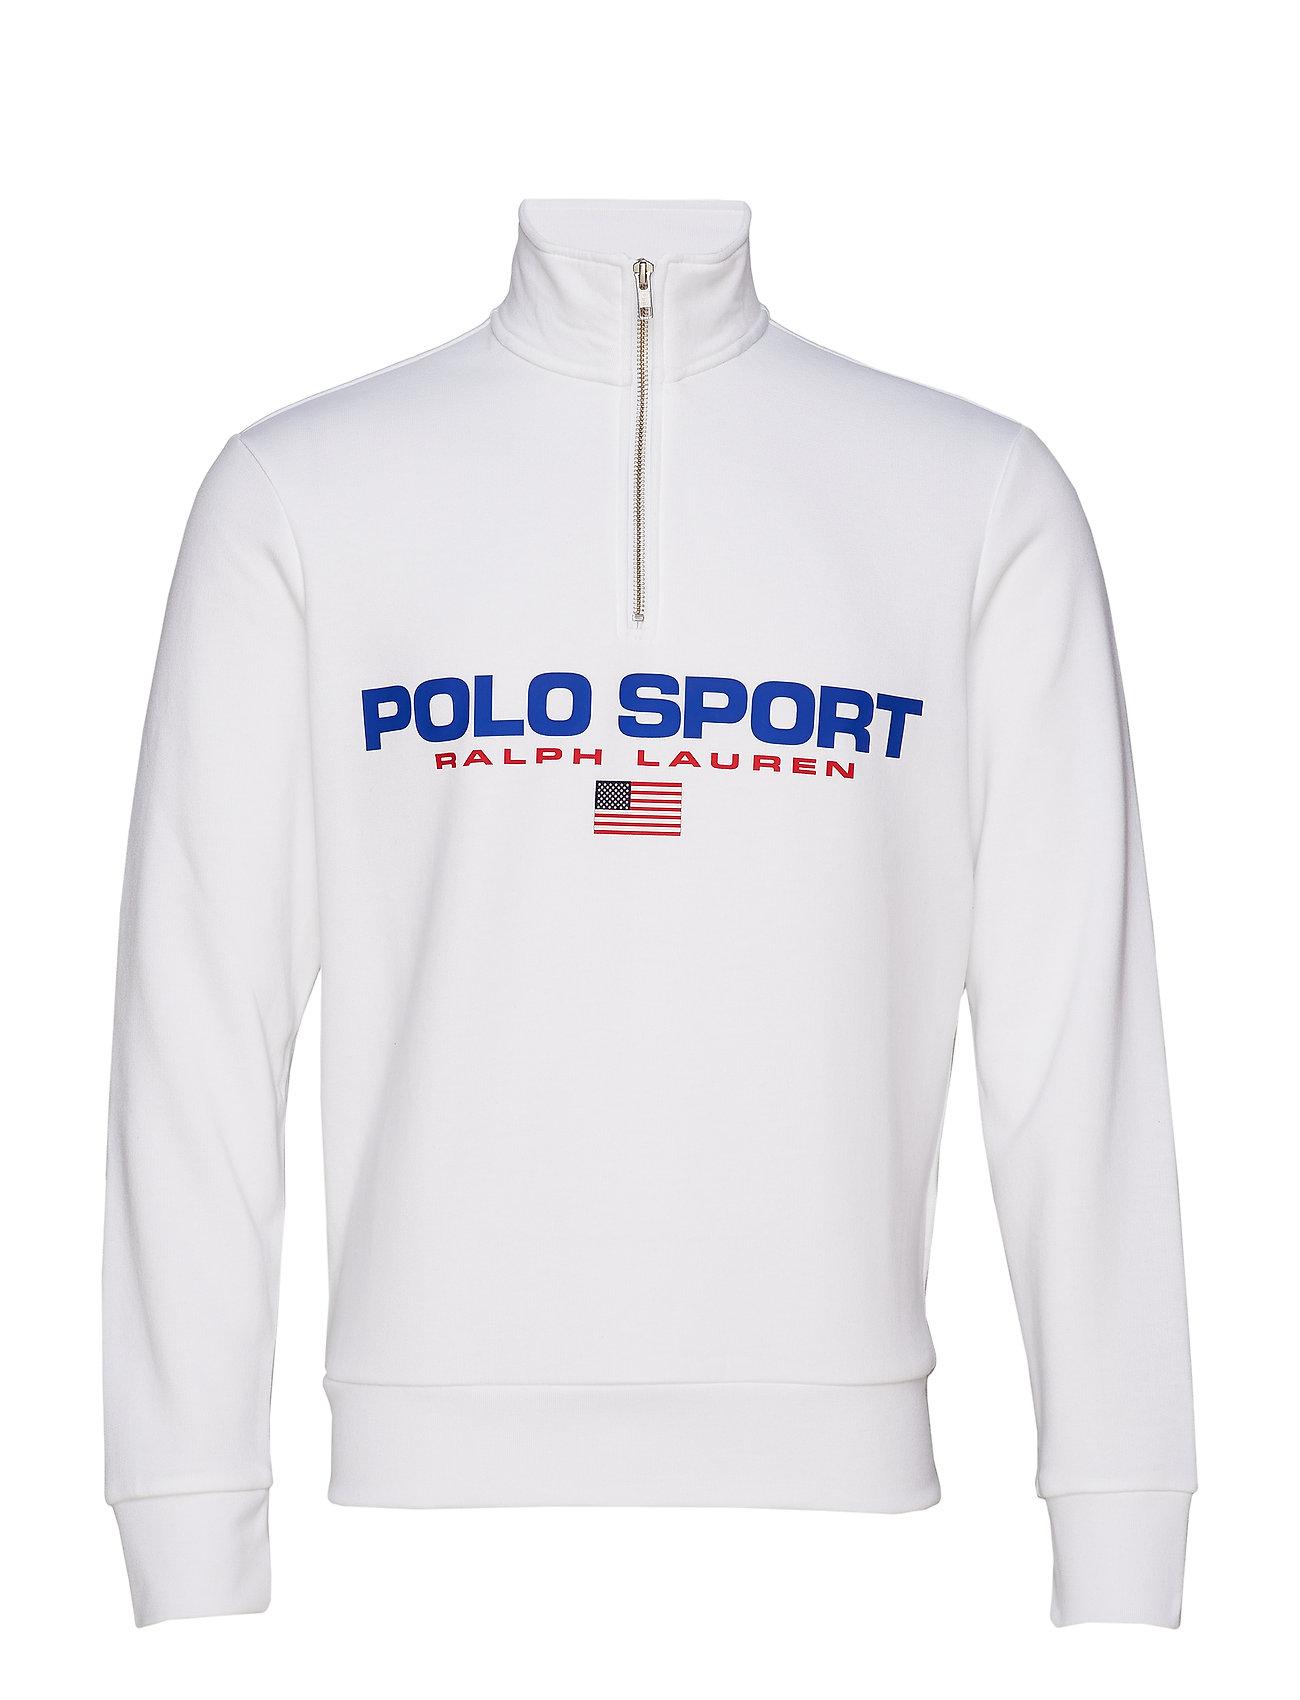 Half zip Lauren Polo SweatshirtwhiteRalph Sport bf67yg